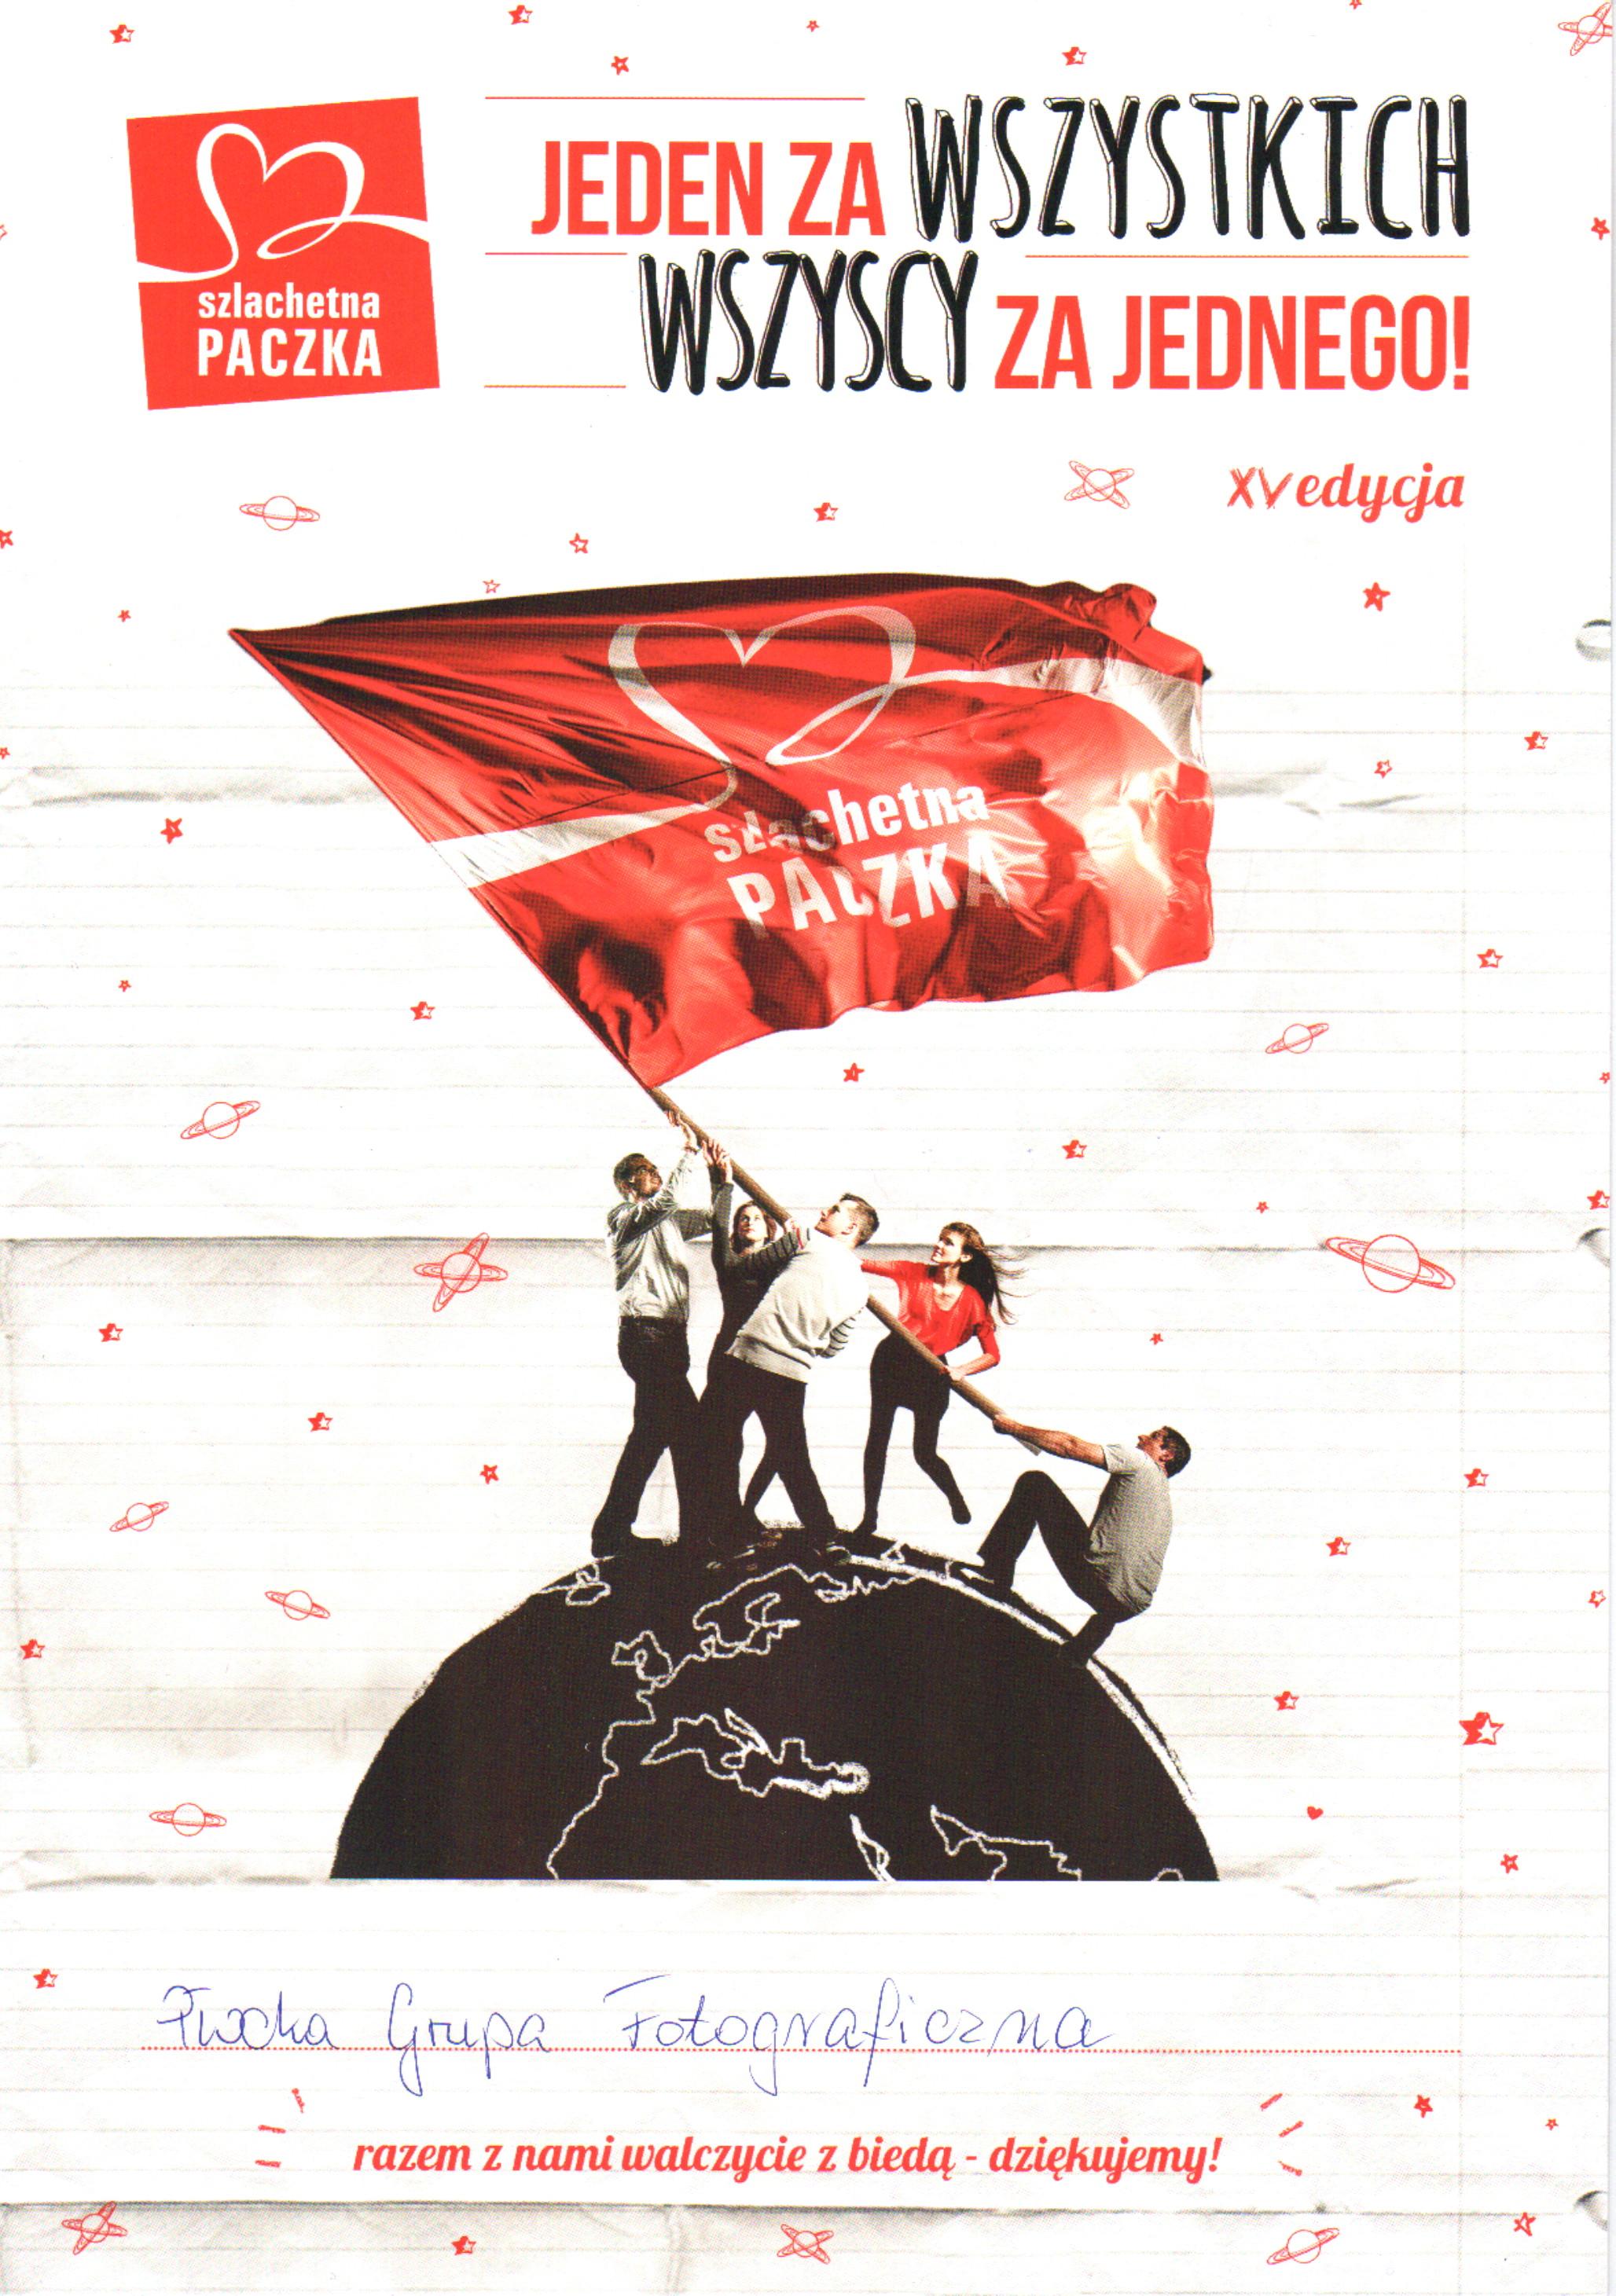 szlachetna-paczka-2015-pgf (1)